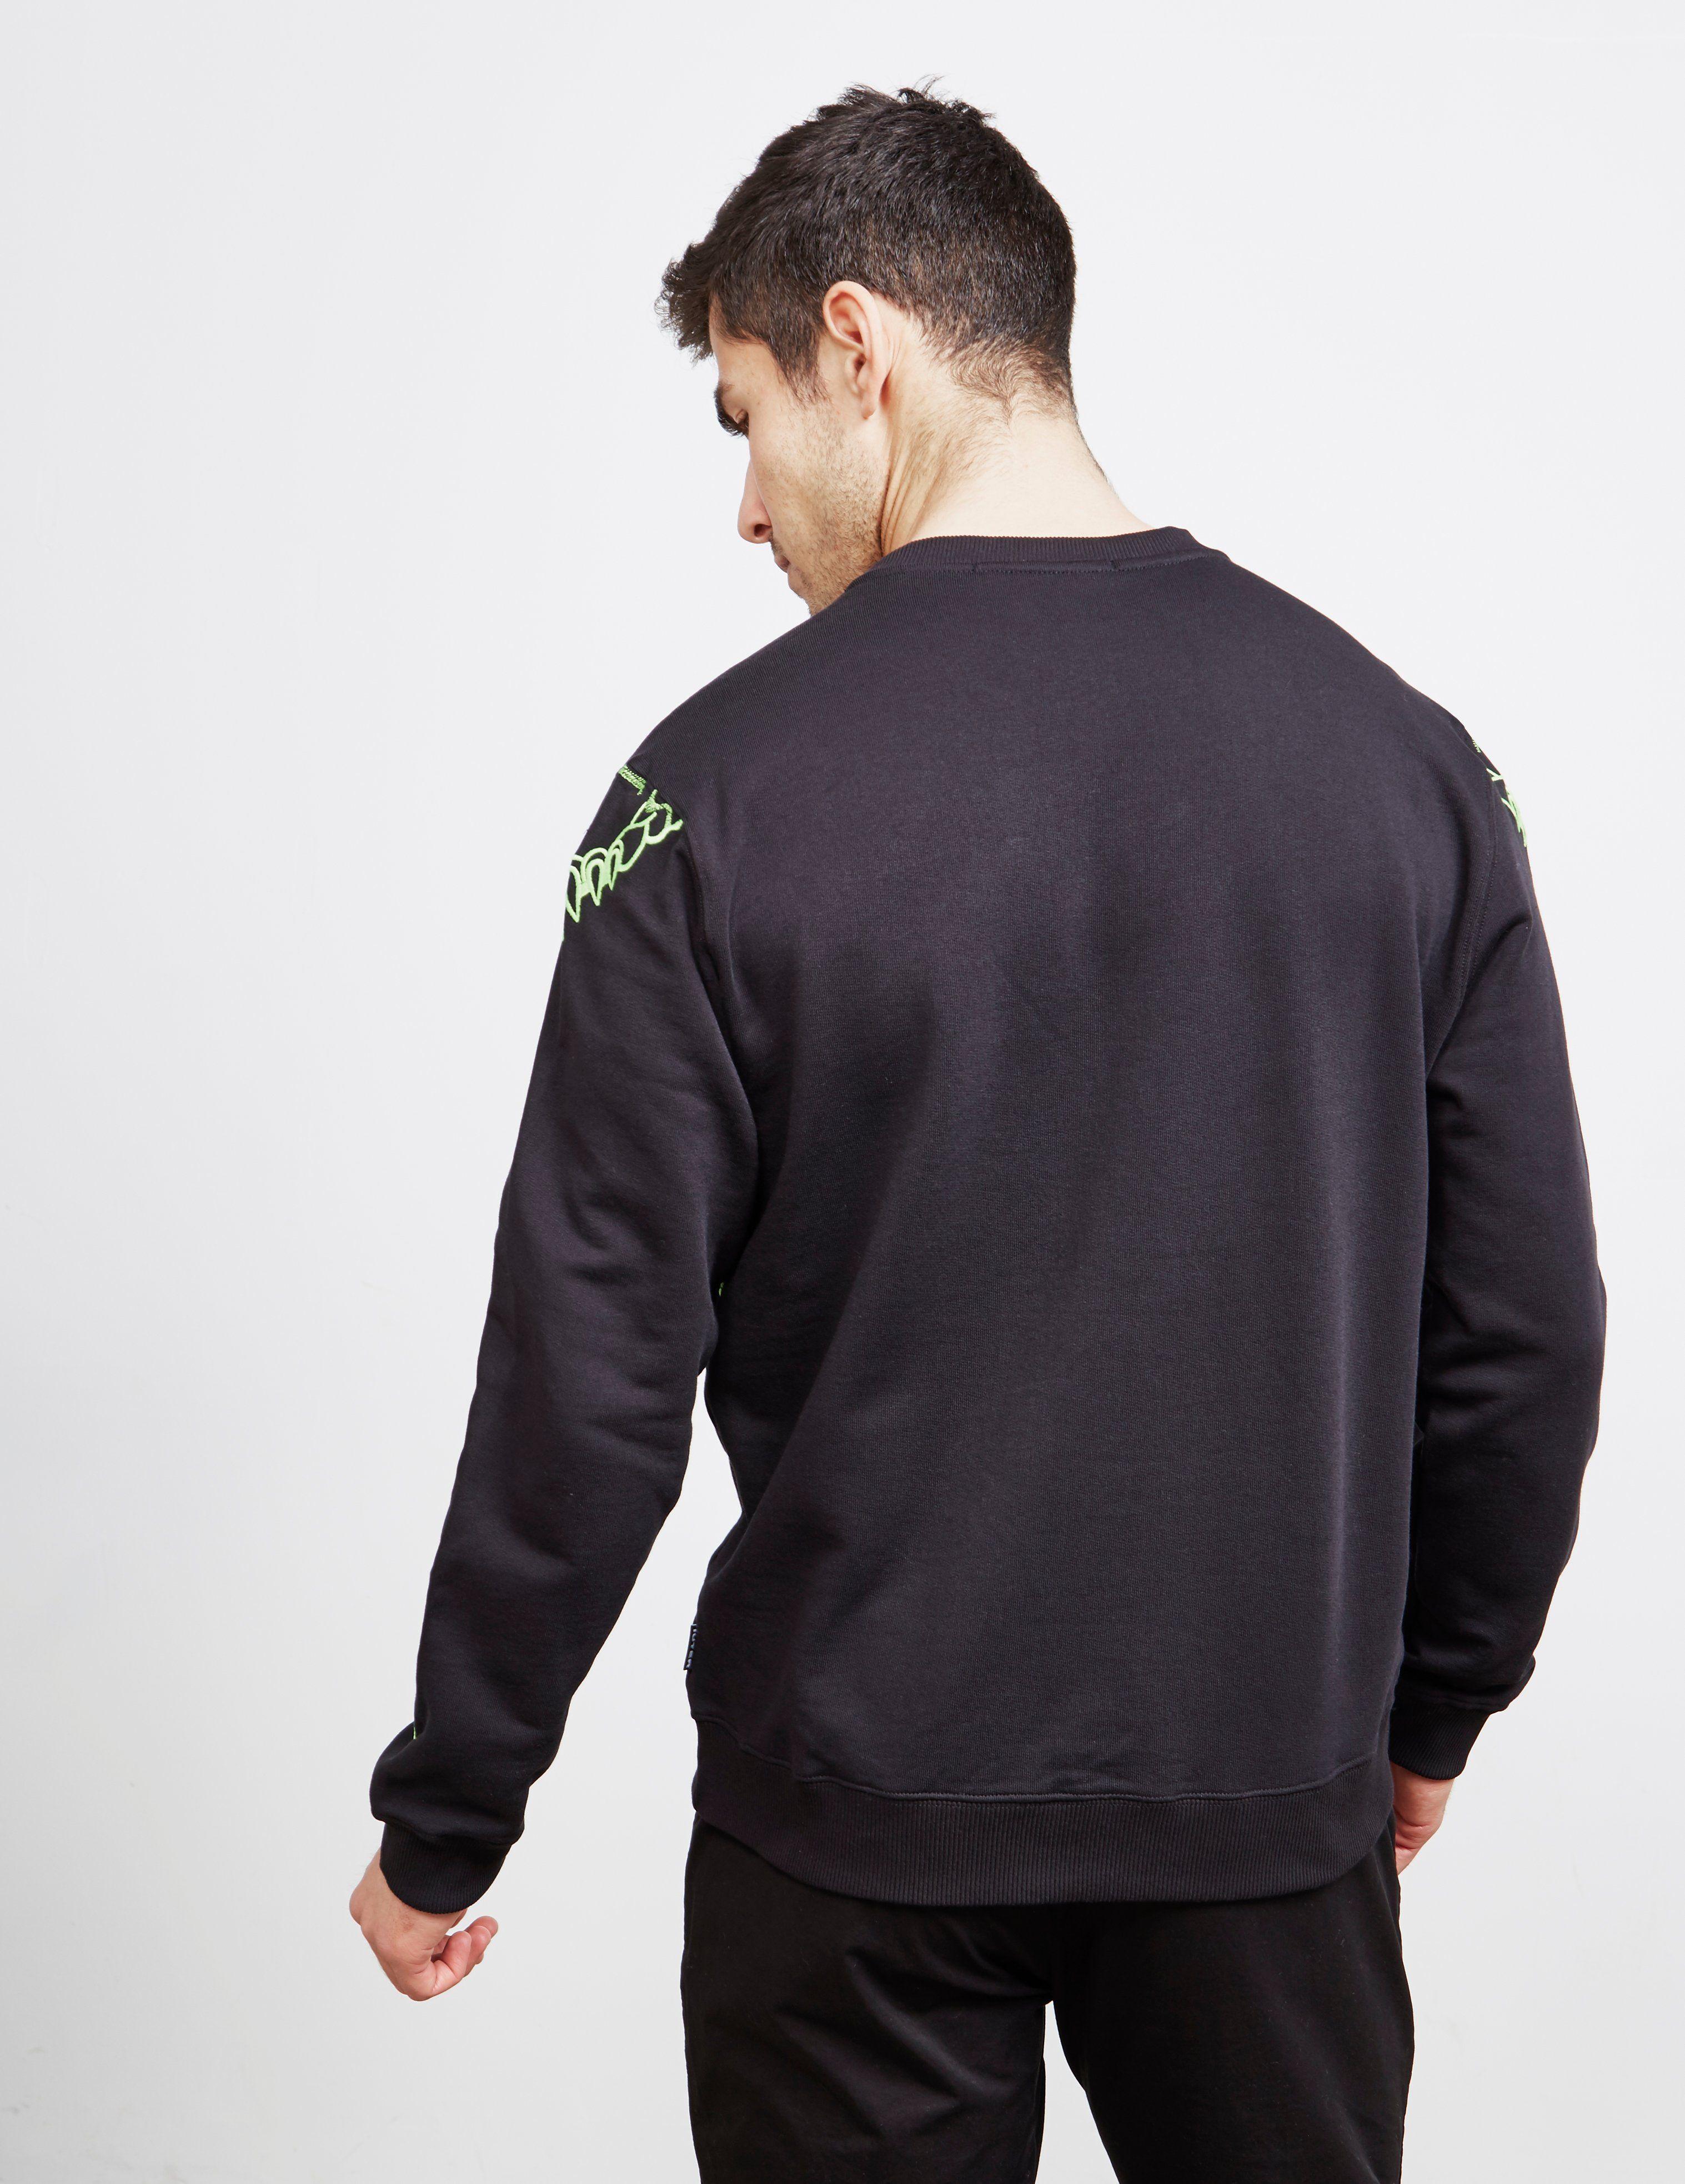 IUTER Nepal Crew Sweatshirt - Online Exclusive